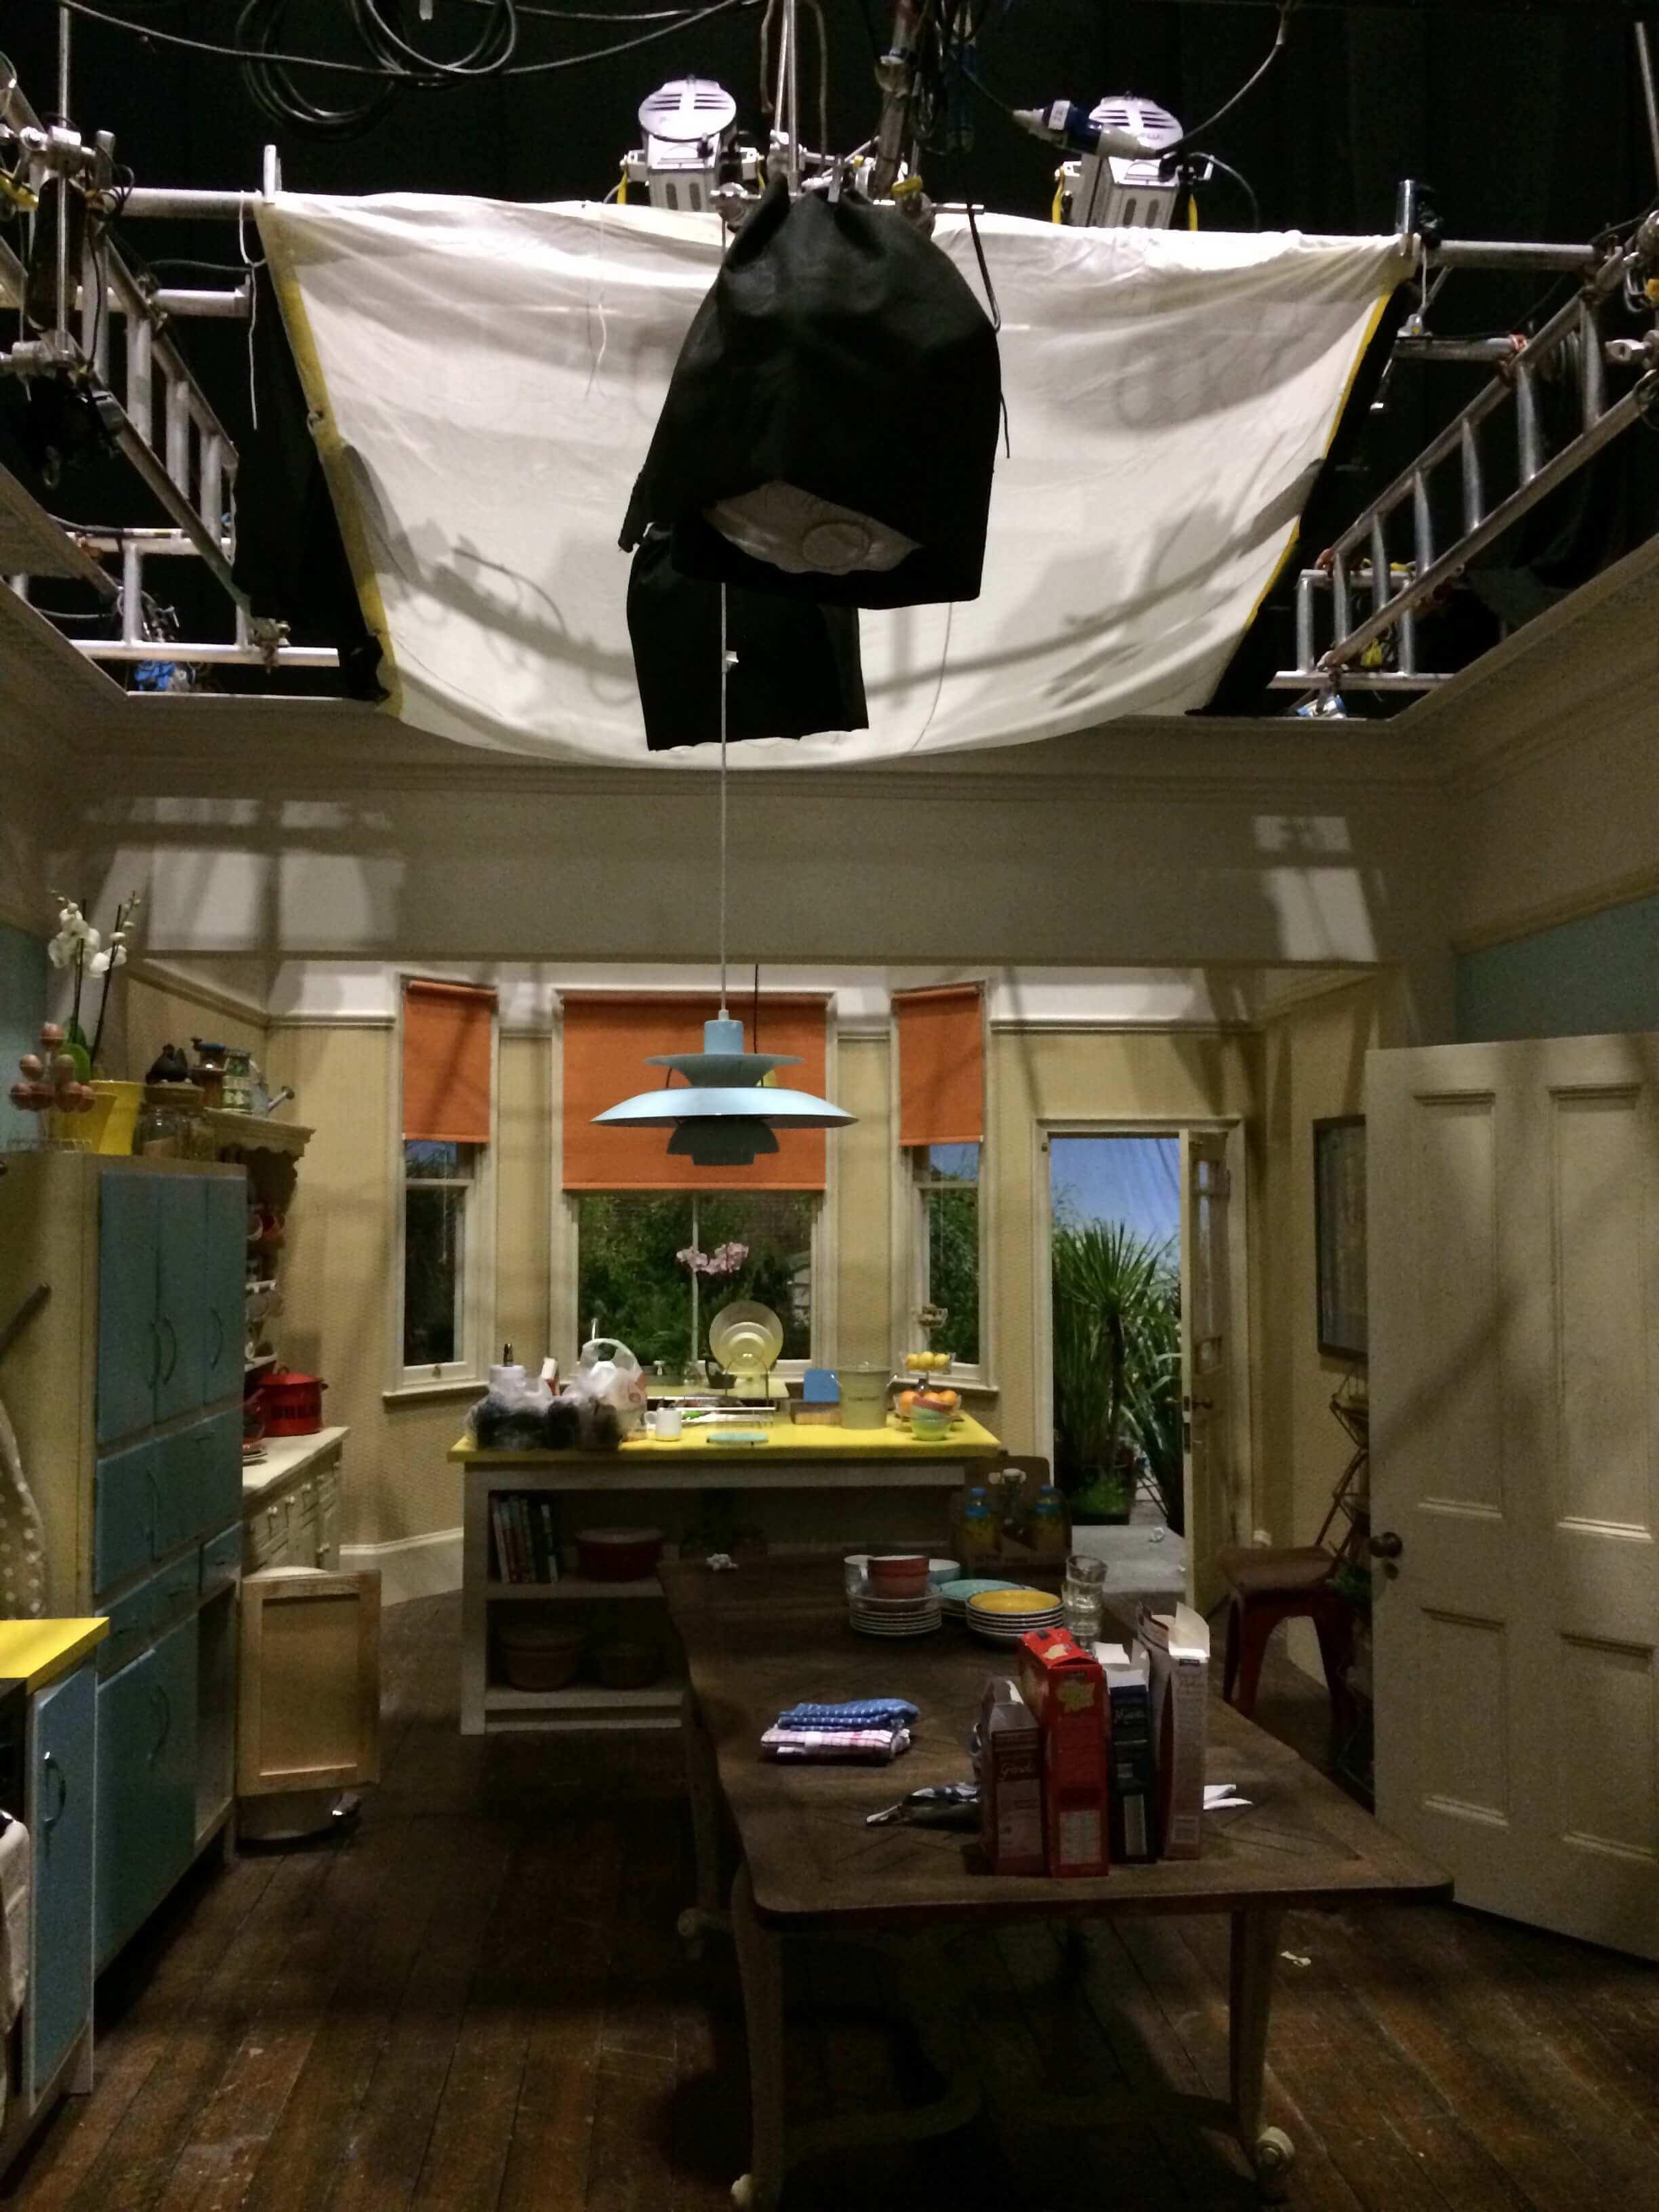 Studio Fit Out | Silverfox Design & Build